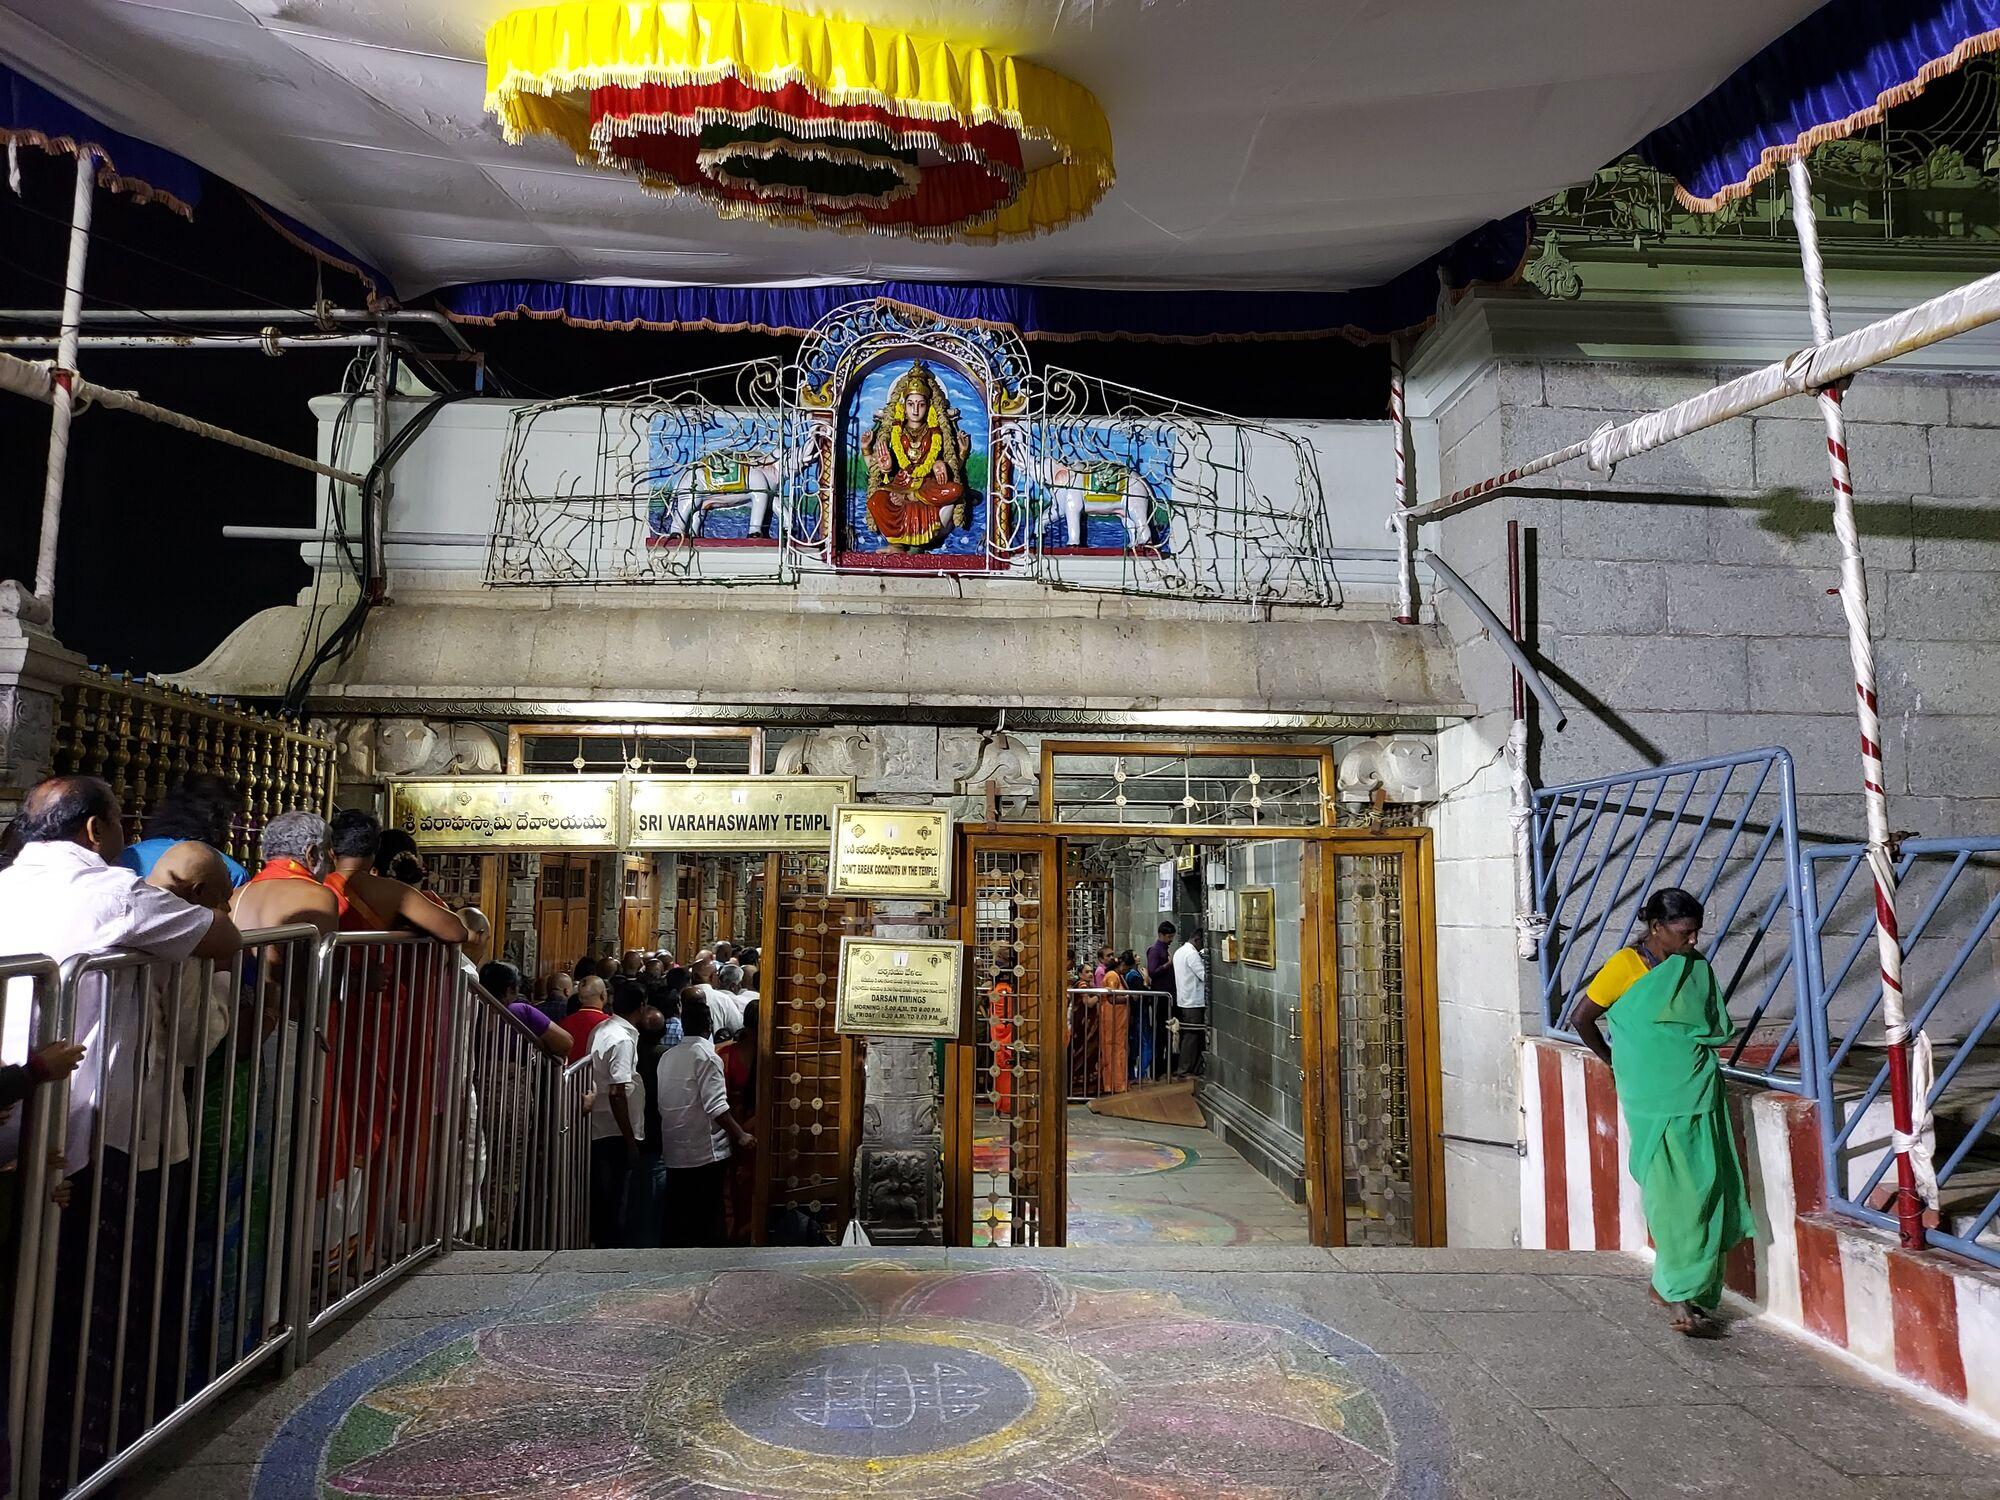 Tirupati Tirumala Sri Varahaswamy Temple - ஸ்ரீ வராஹ ஸ்வாமி திருக்கோயில்